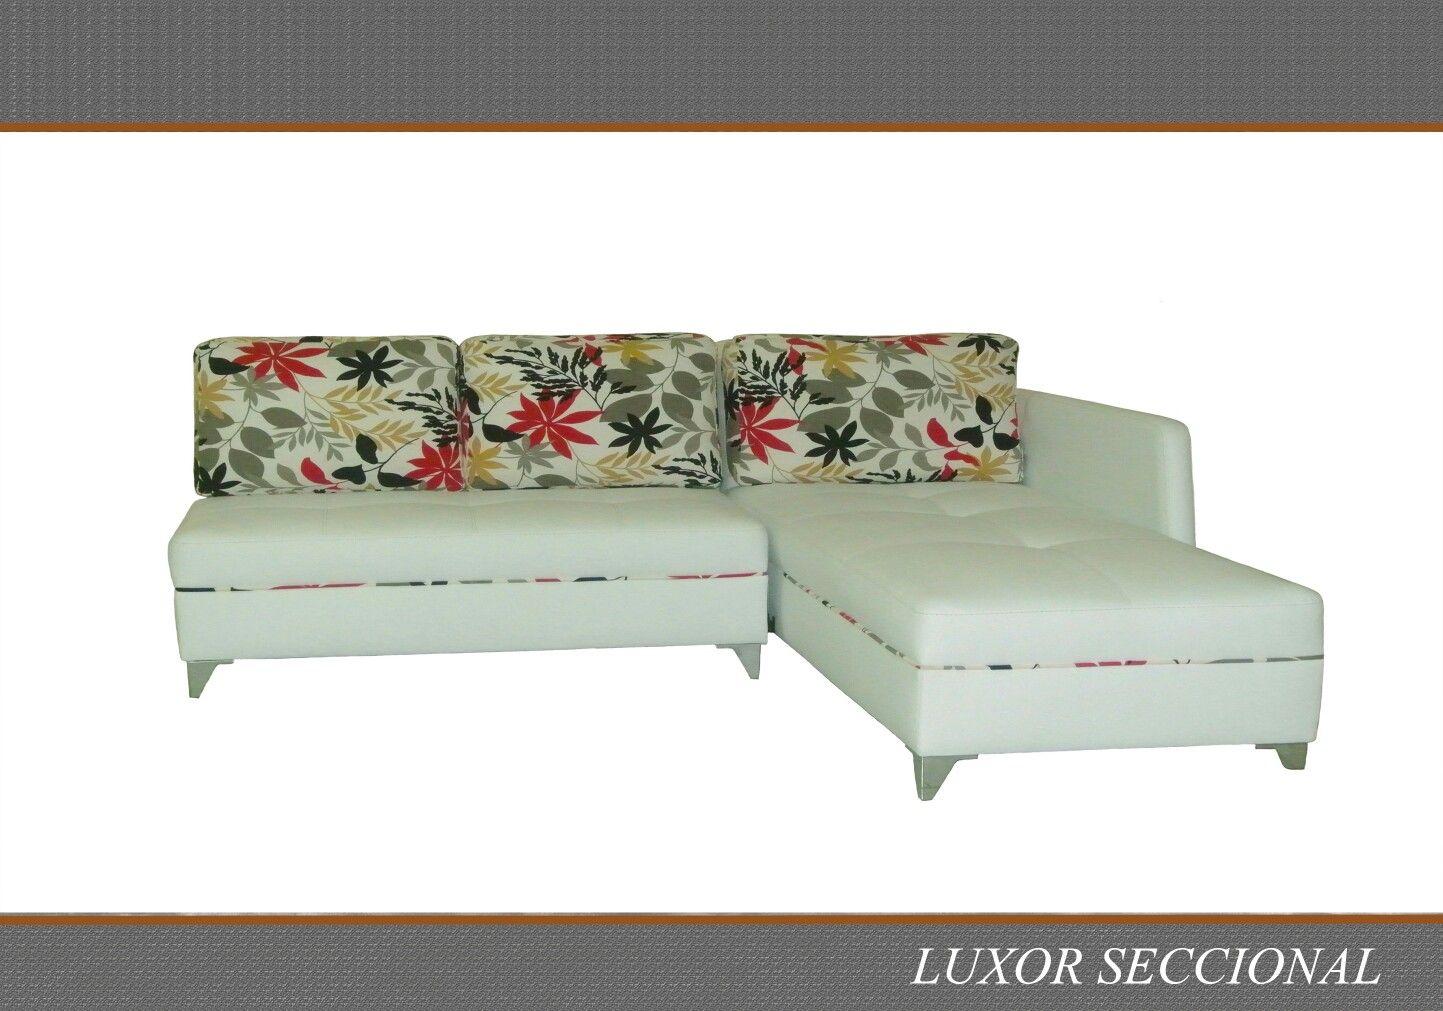 Design Sof Cama R Stico Manacor Galer A De Fotos De  # Muebles Liquidacion Manacor